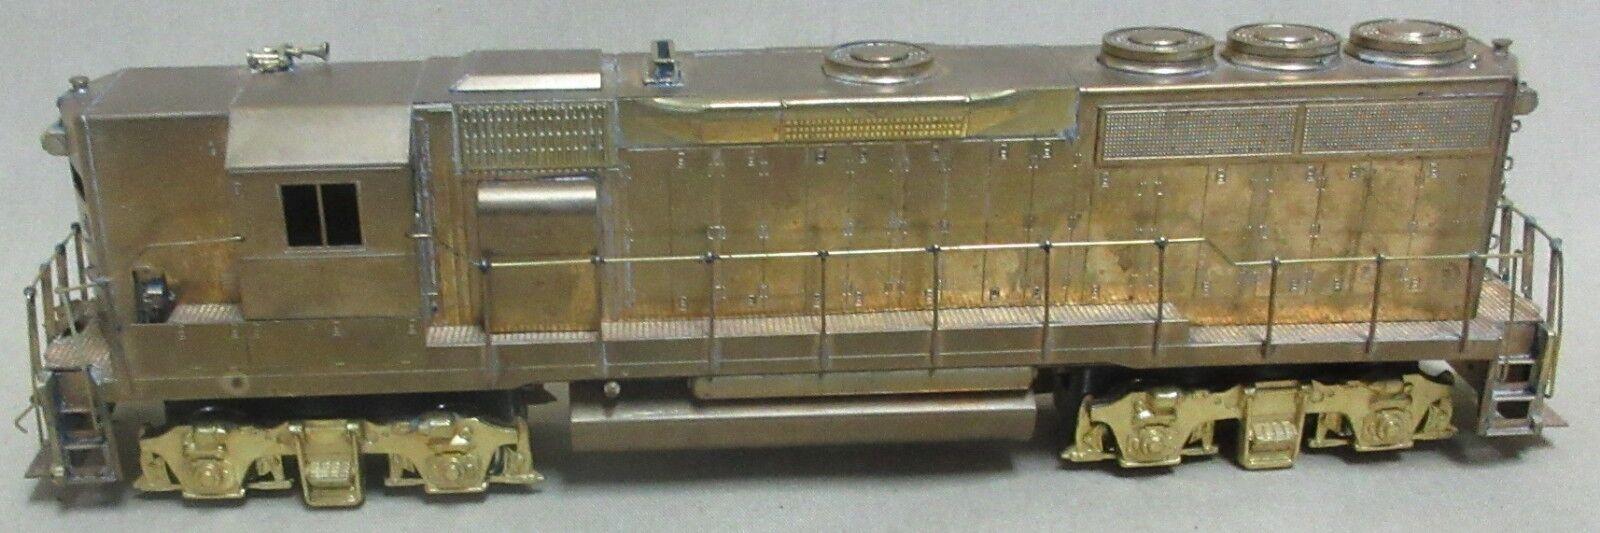 Alco Modelos  GP-40H dinámico frenos Cat  D-143 Infierno Boy